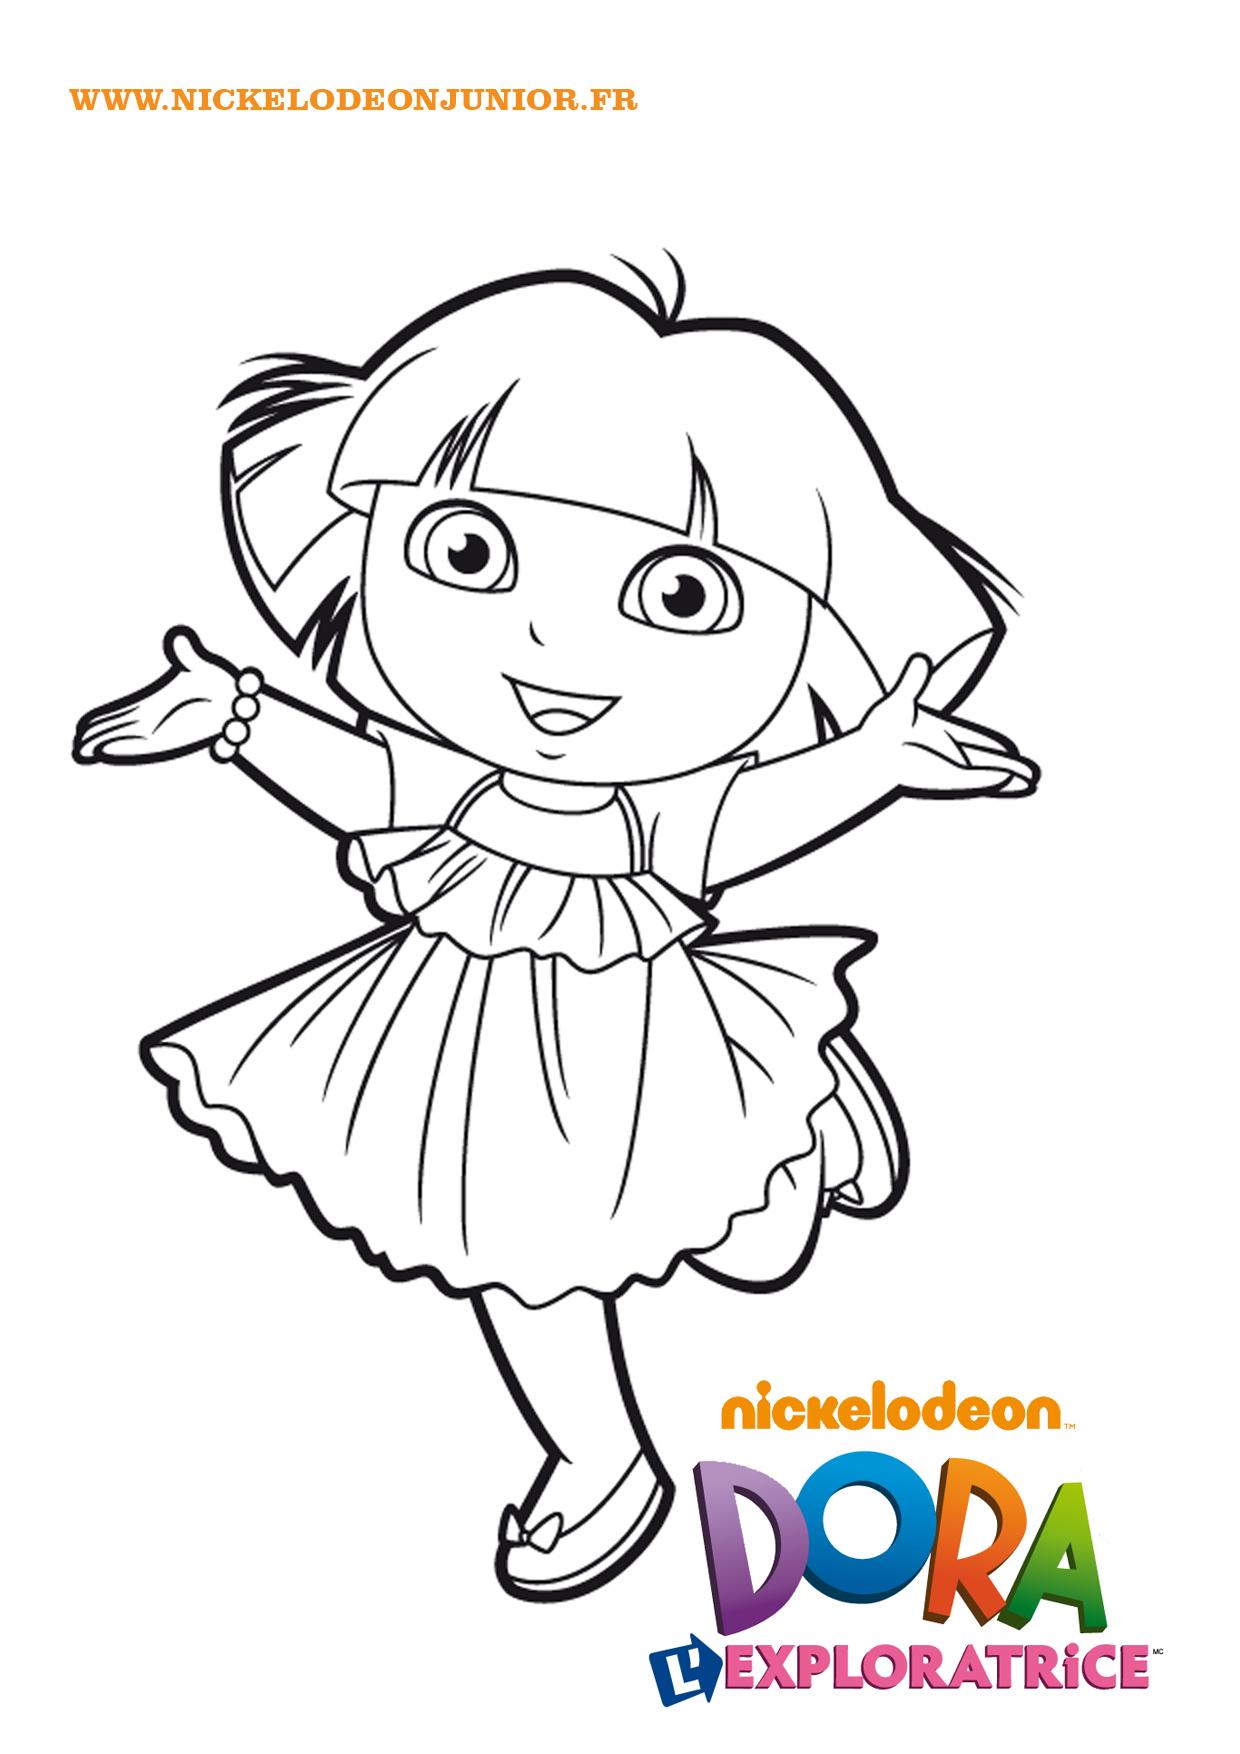 Lujo Dora Para Colorear Festooning - Dibujos Para Colorear En Línea ...